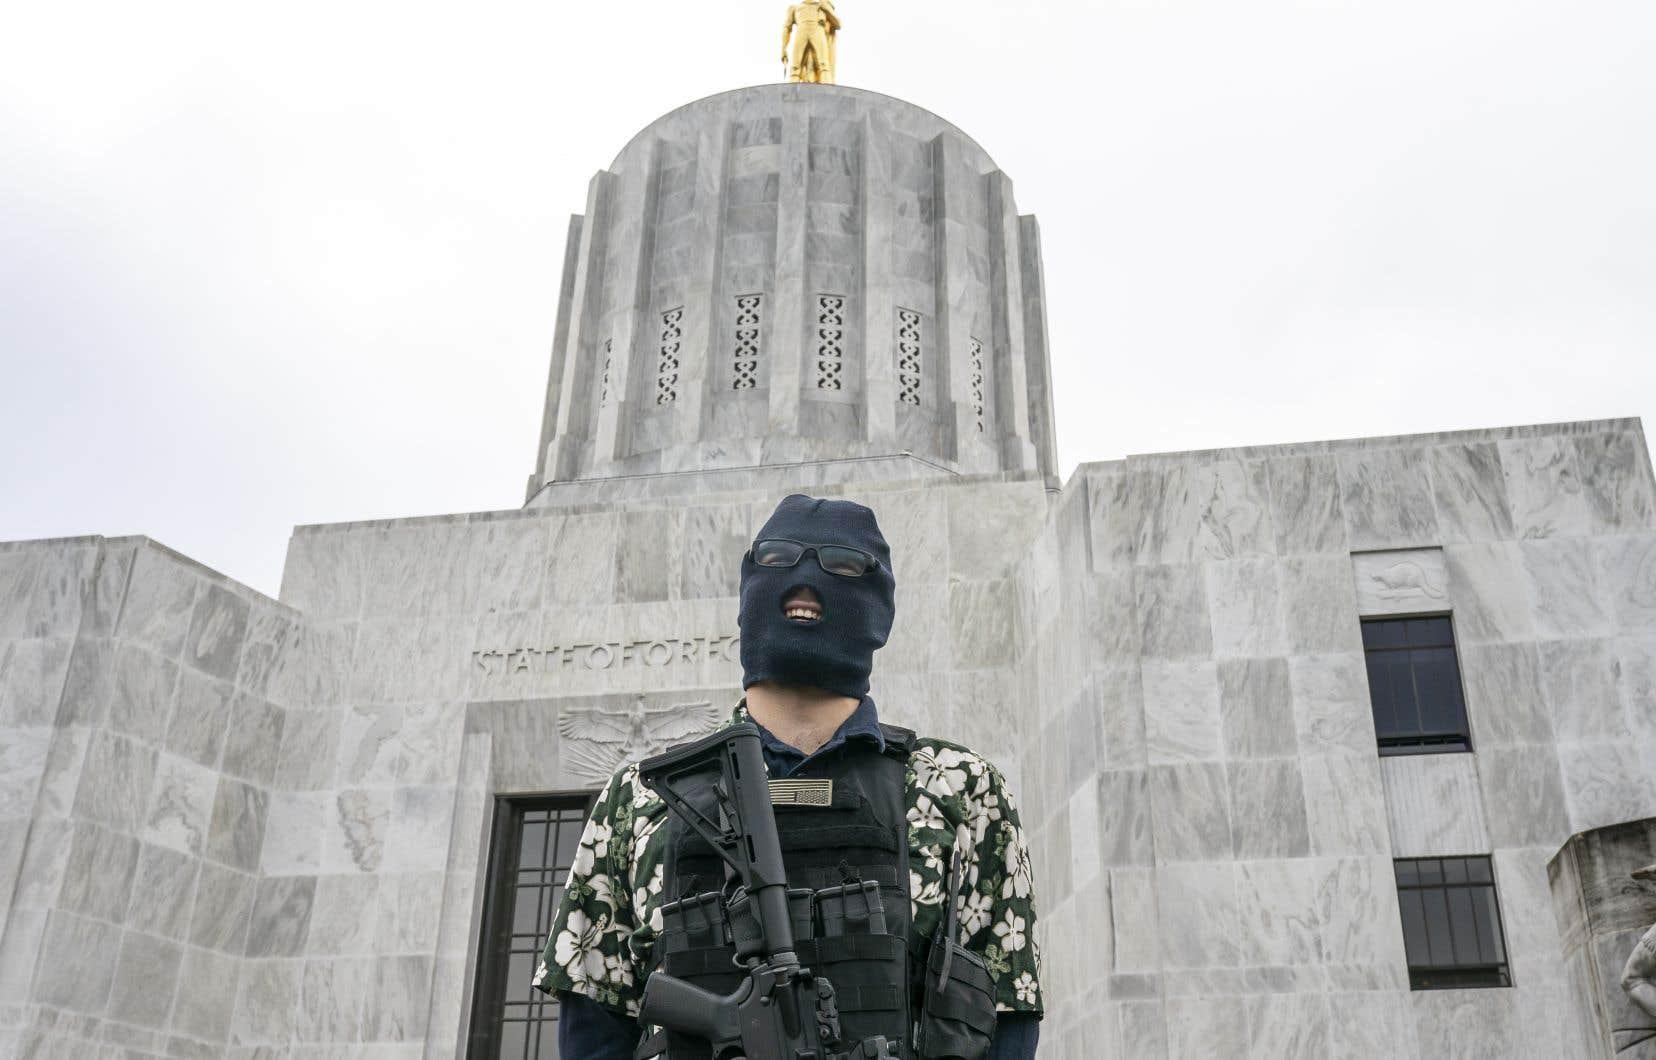 Un manifestant armé devant le Capitole d'État de l'Oregon, où la rentrée parlementaire a été retardée en raison des violences potentielles.